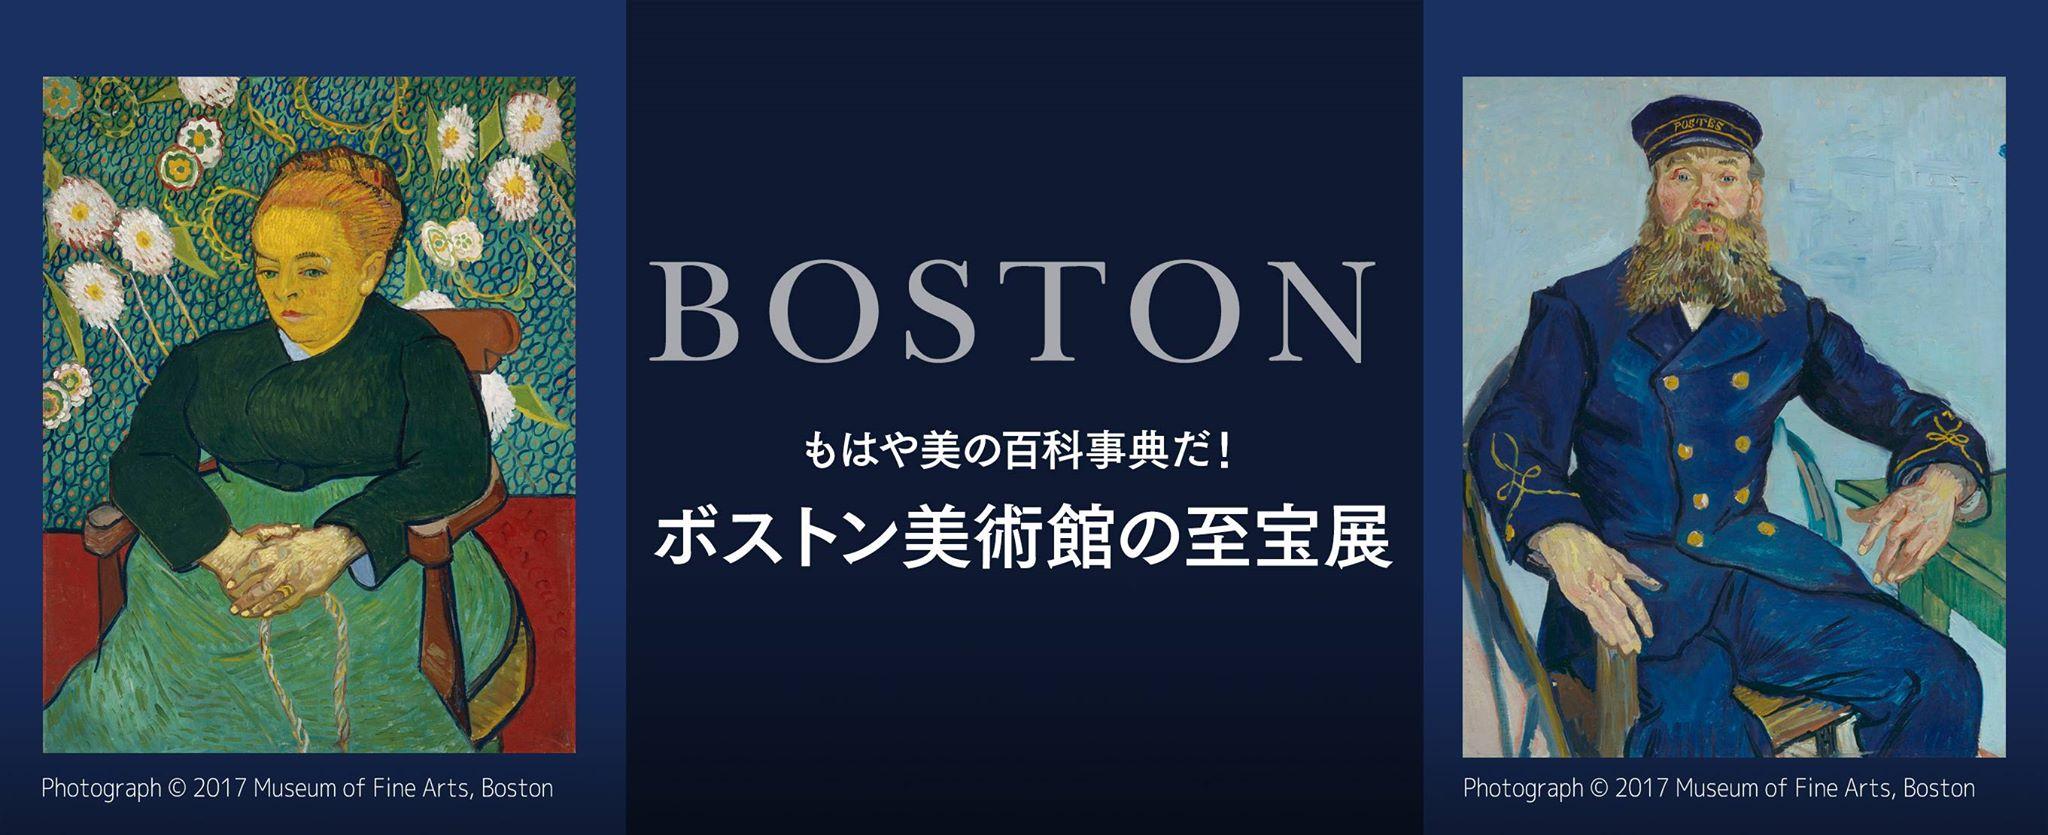 もはや美の百科事典だ! ボストン美術館の至宝展